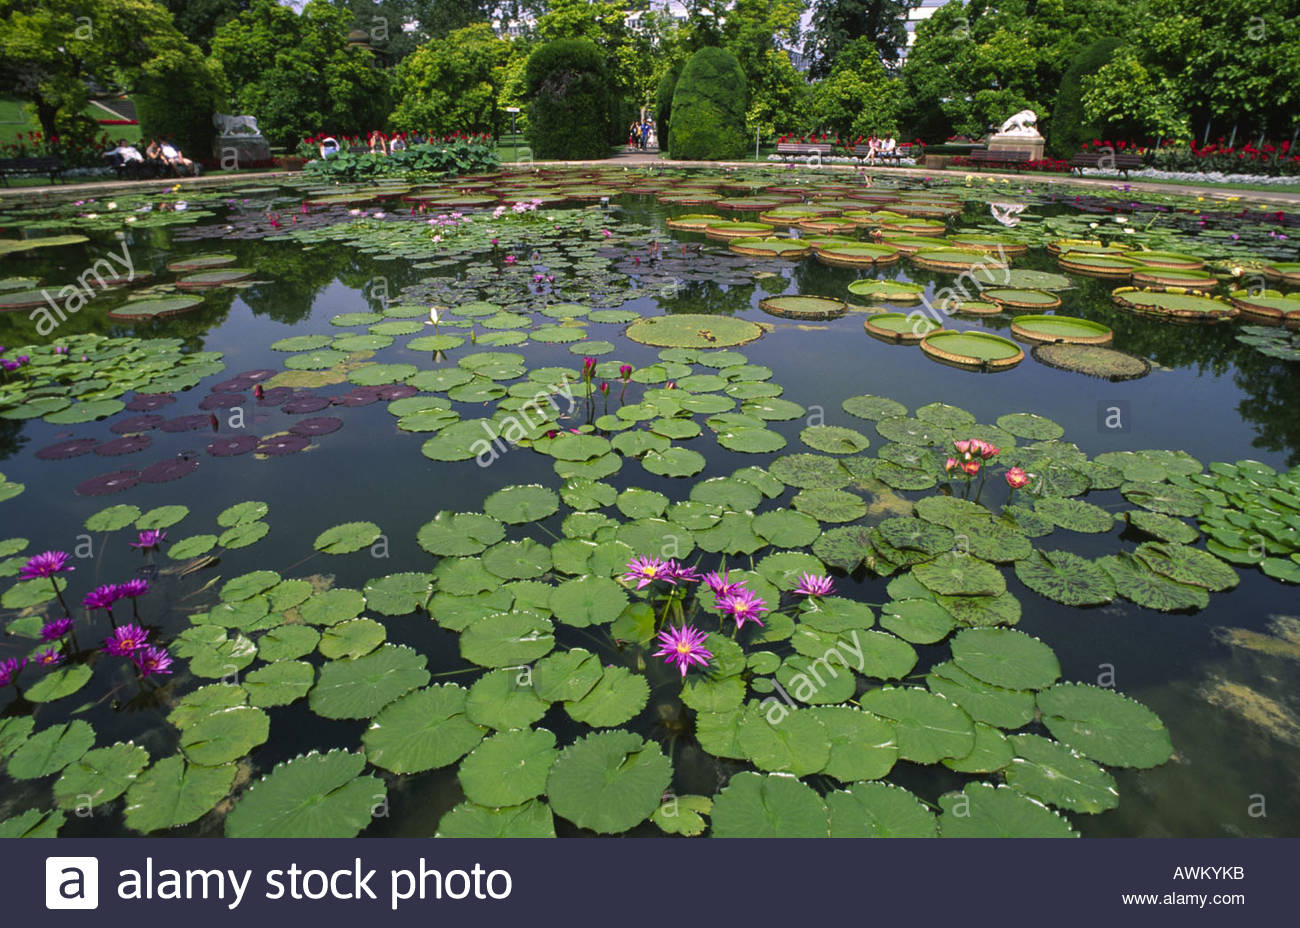 Seerosenteich Bluhende Seerosen Lily Pond Blooming Water Lilies